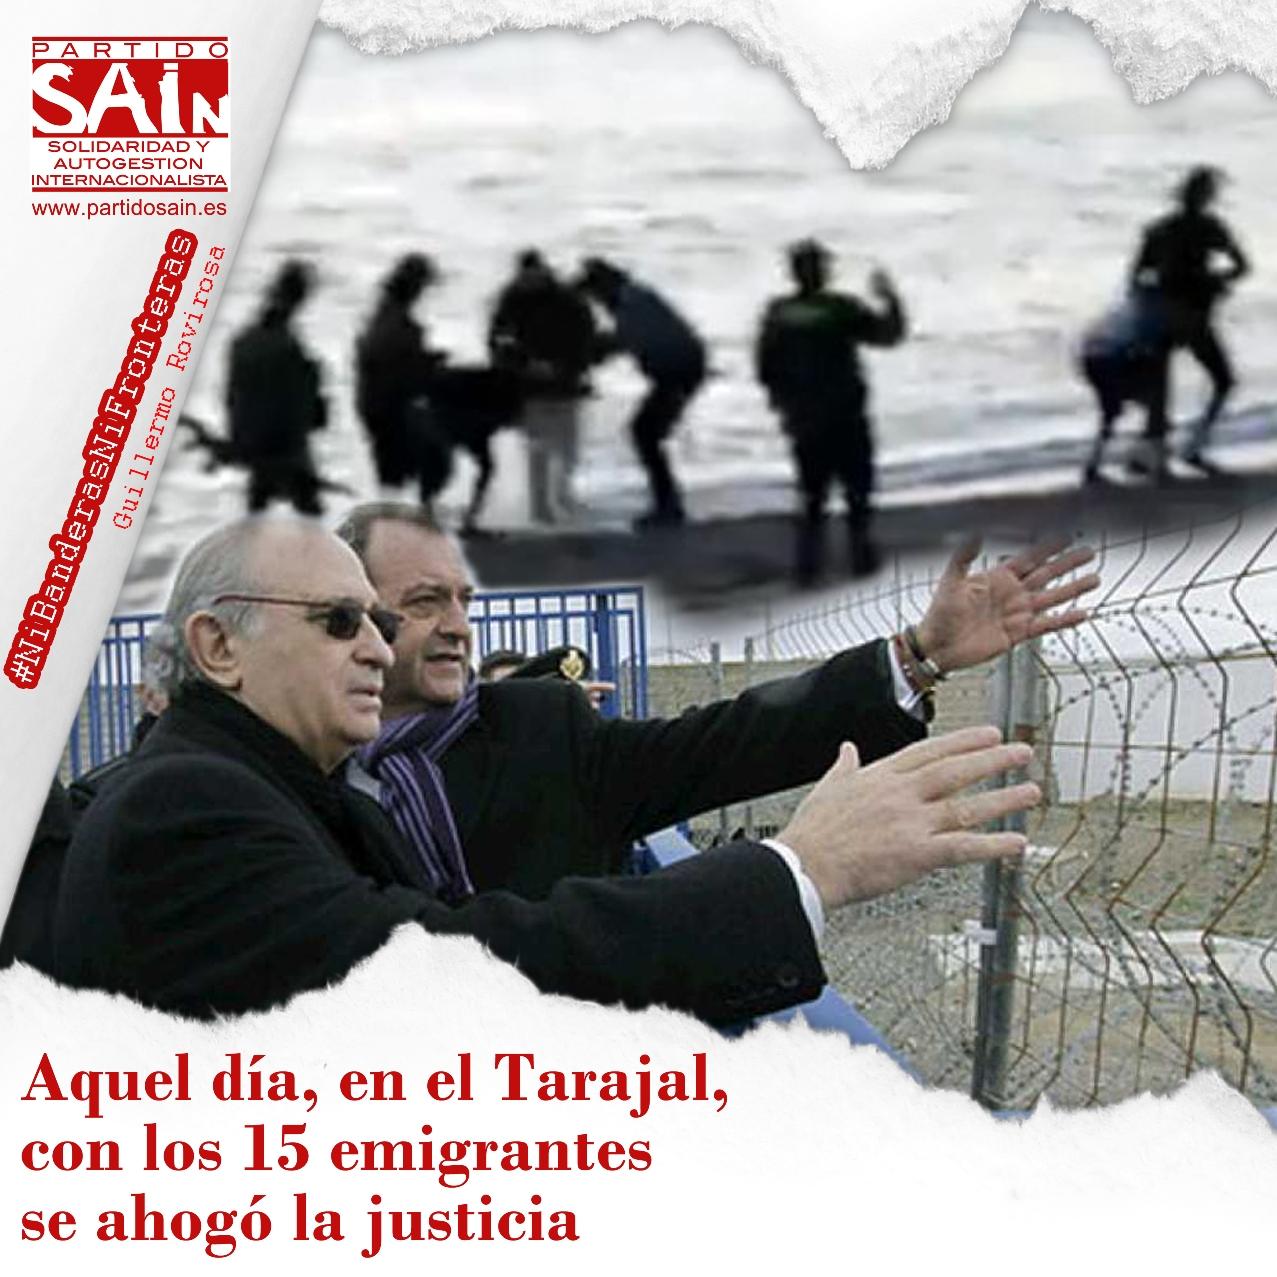 La Audiencia de Ceuta ordena reabrir la investigación por la muerte de los quince inmigrantes en la playa de El Tarajal en 2014